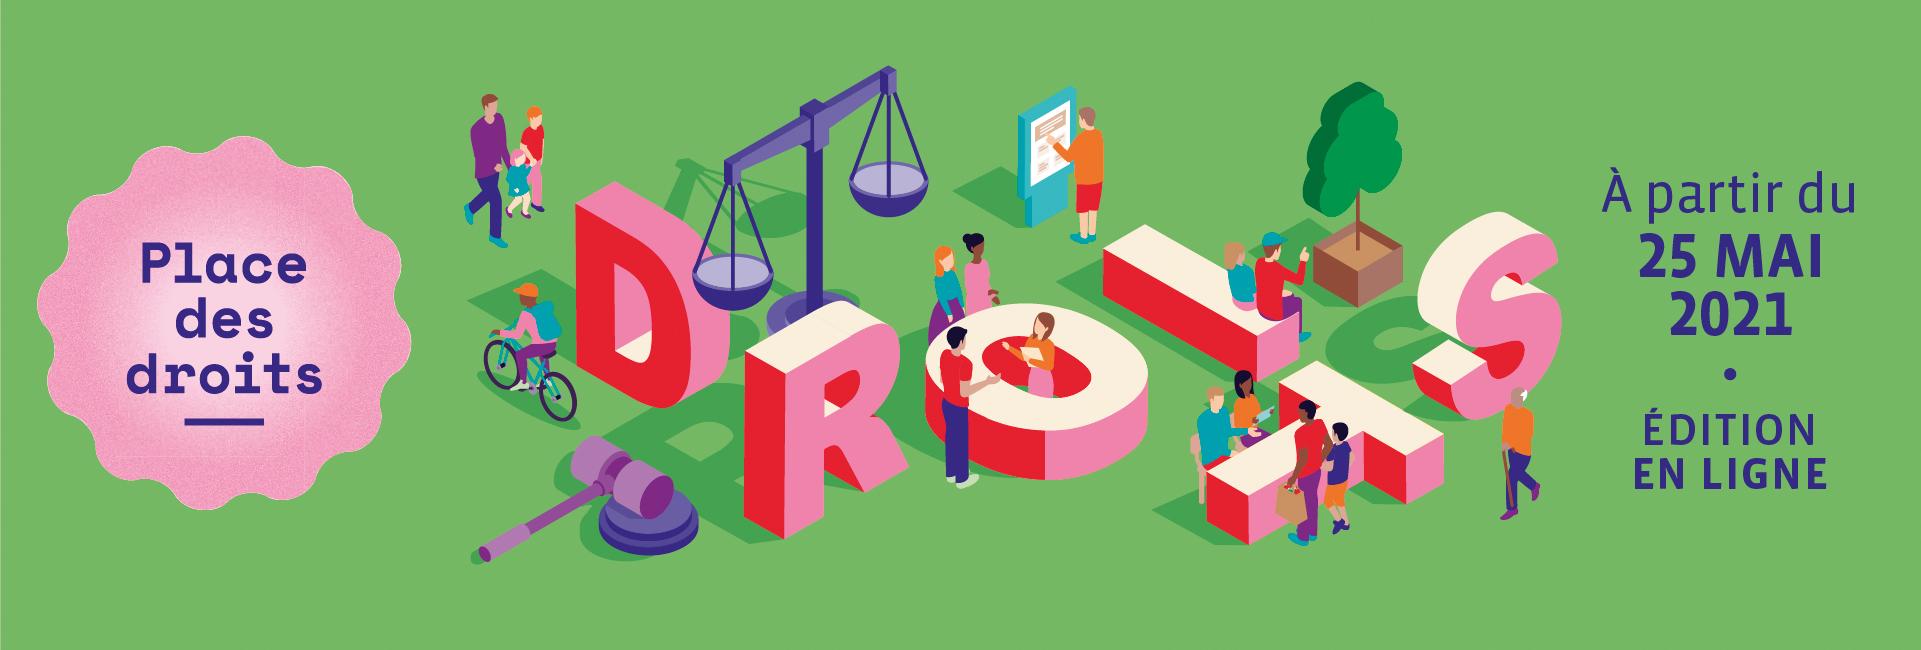 Place des droits : Mieux connaître ses droits, pour mieux agir !